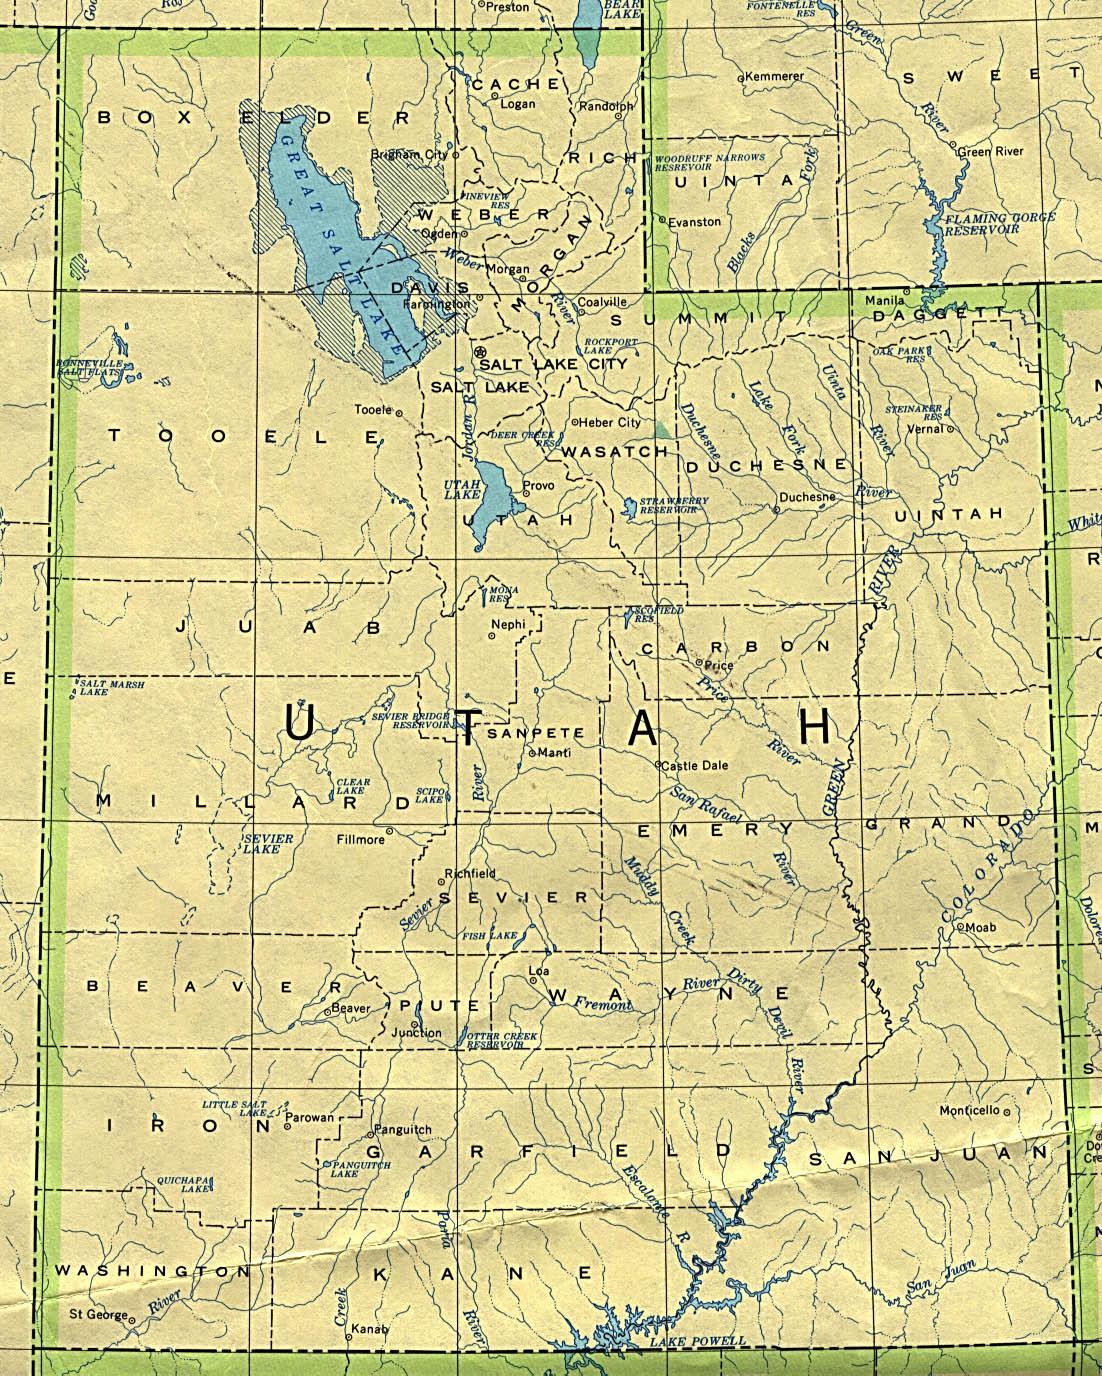 online tools help map cultural hot spots in utah. online tools help map cultural hot spots in utah  upr utah public